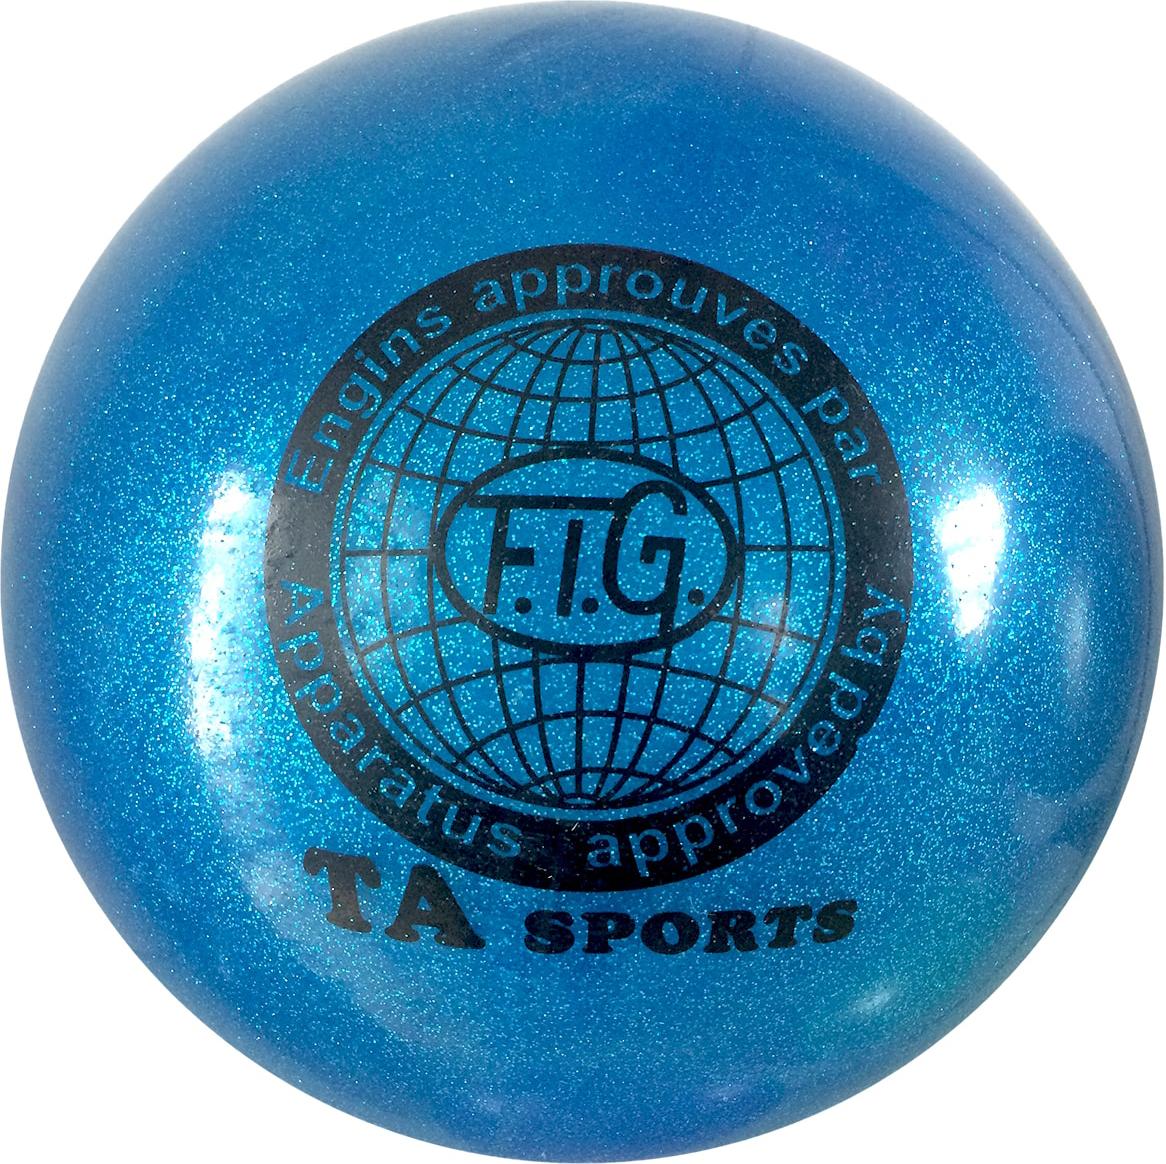 Мяч для художественной гимнастики TA-Sport RGB-102, с блестками, цвет: синий, диаметр 15 см ортопедический мяч для гимнастики в курске